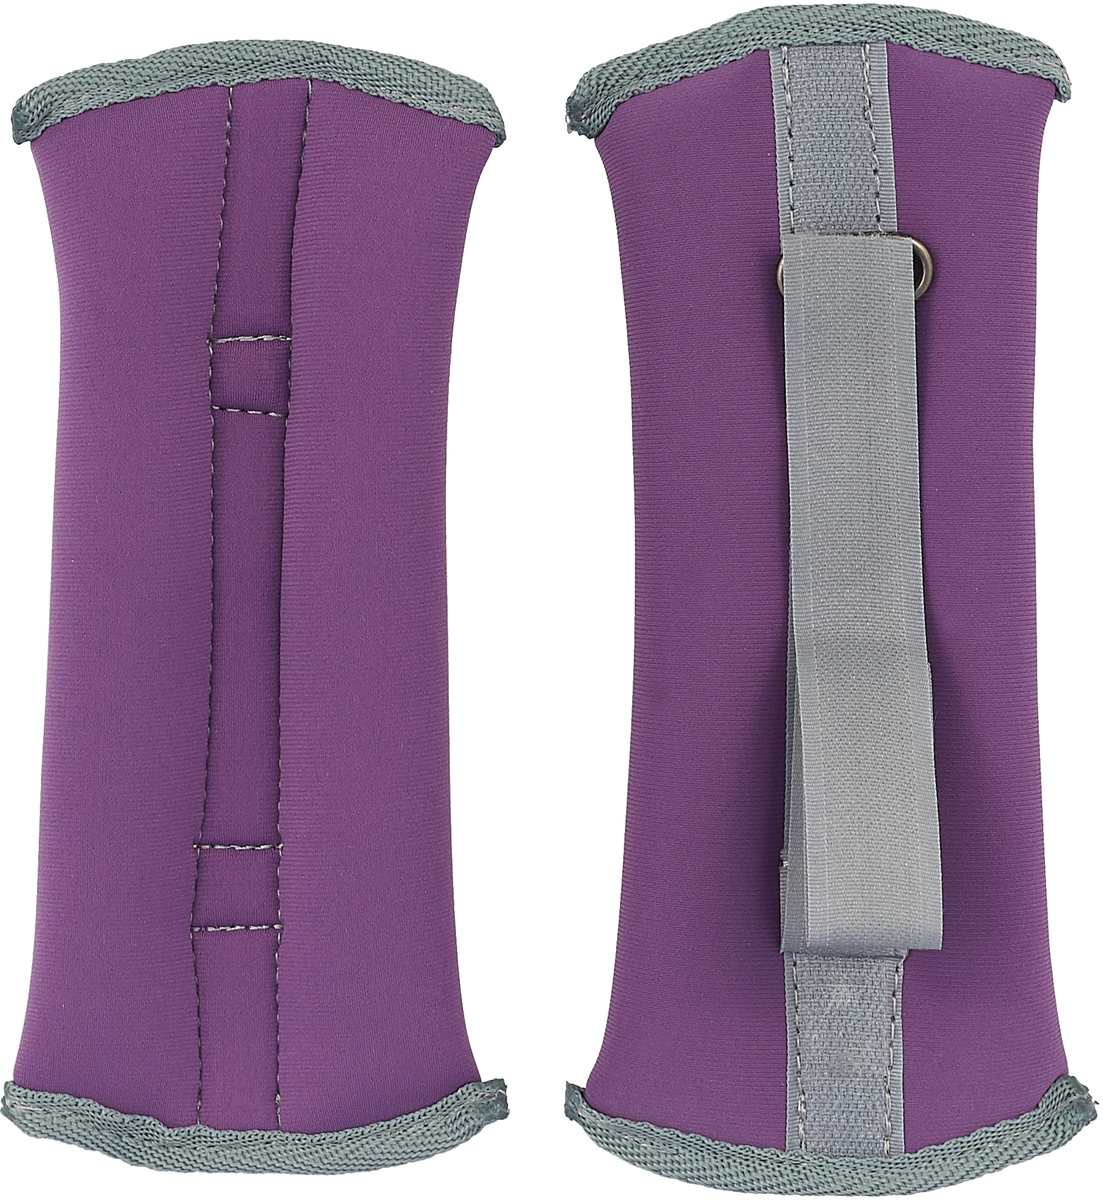 Утяжелитель спортивный Indigo Неопреновые, цвет: фиолетовый, 0,3 кг, 2 шт утяжелитель браслет для рук и ног indigo цвет красный 0 3 кг 2 шт